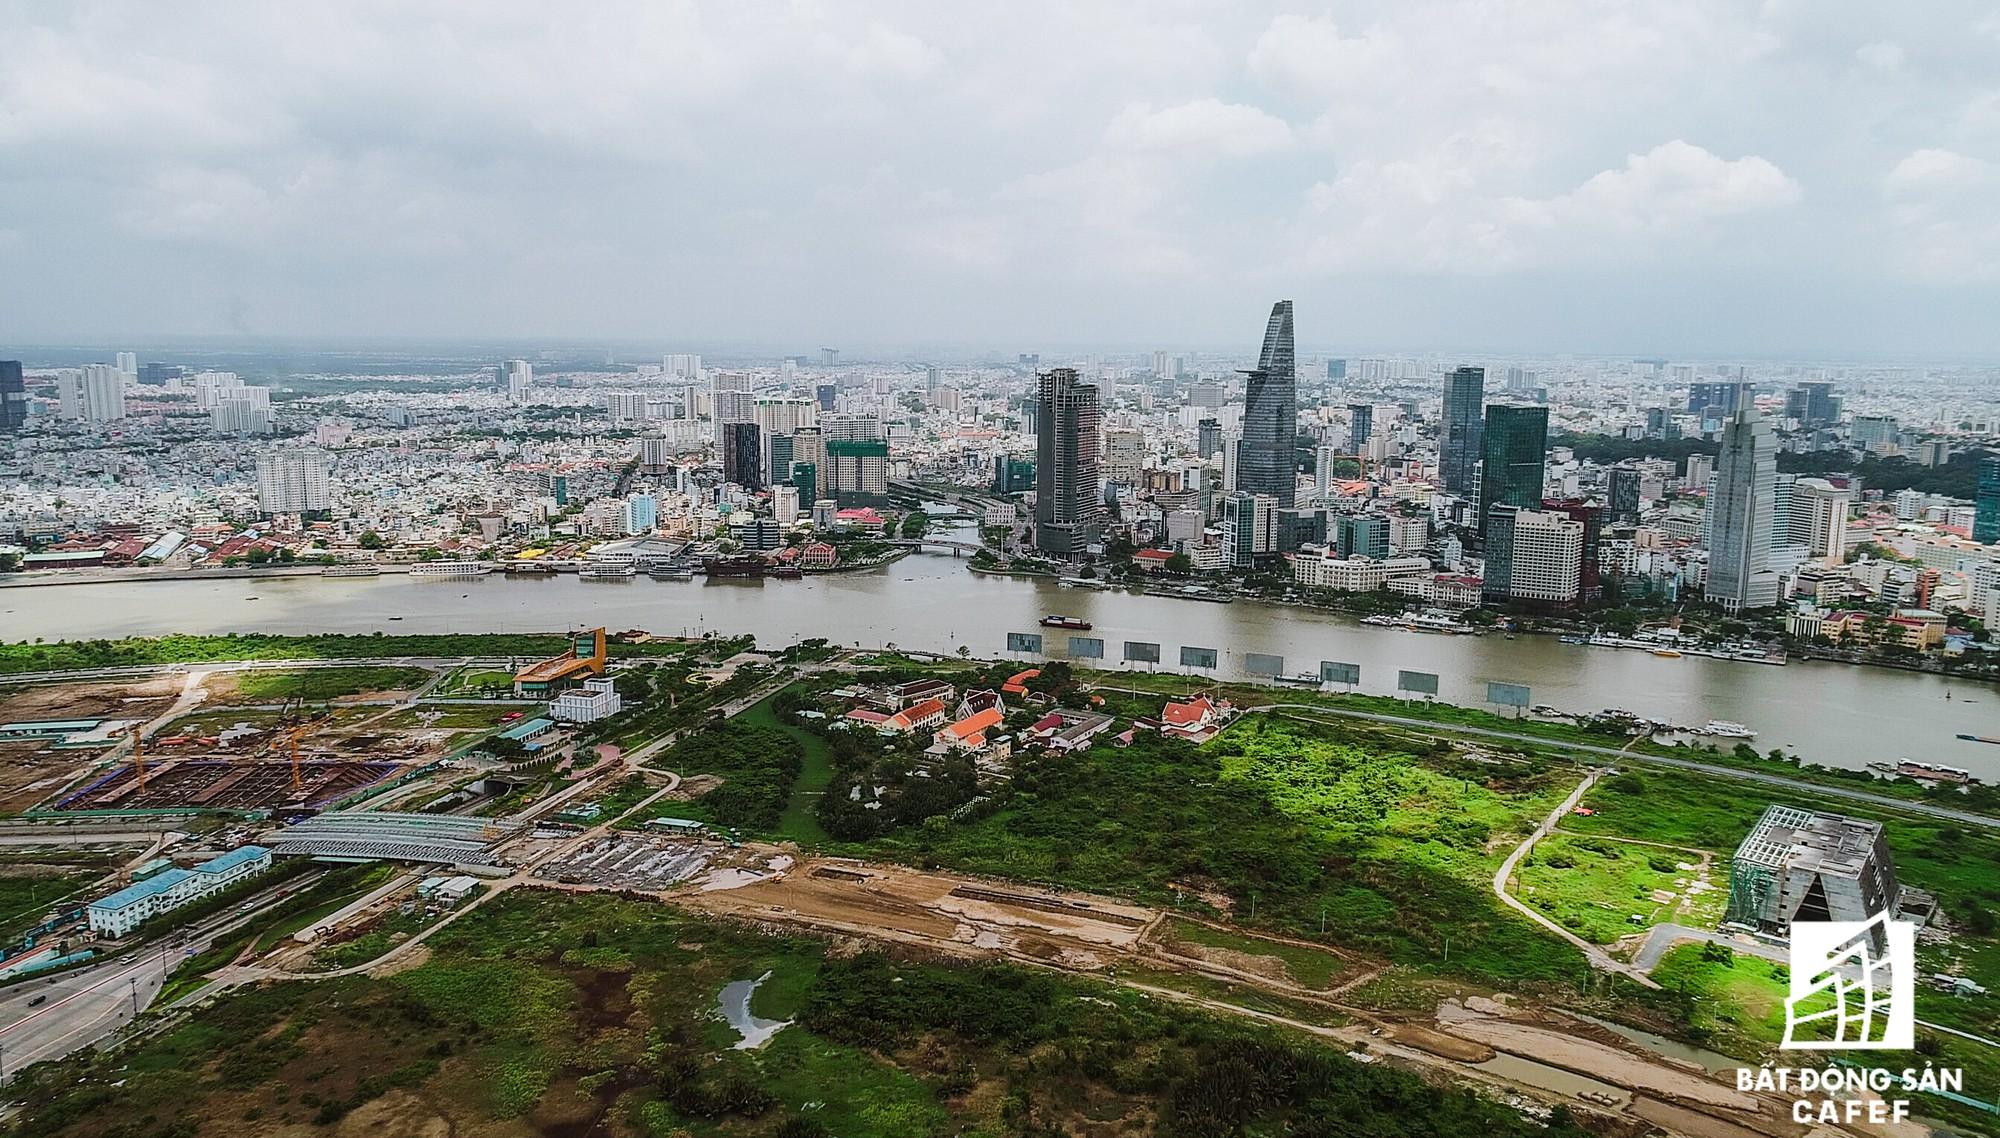 Cận cảnh khu đất vàng tại Thủ Thiêm, nơi dự kiến xây nhà hát giao hưởng 1.500 tỷ đồng - Ảnh 2.